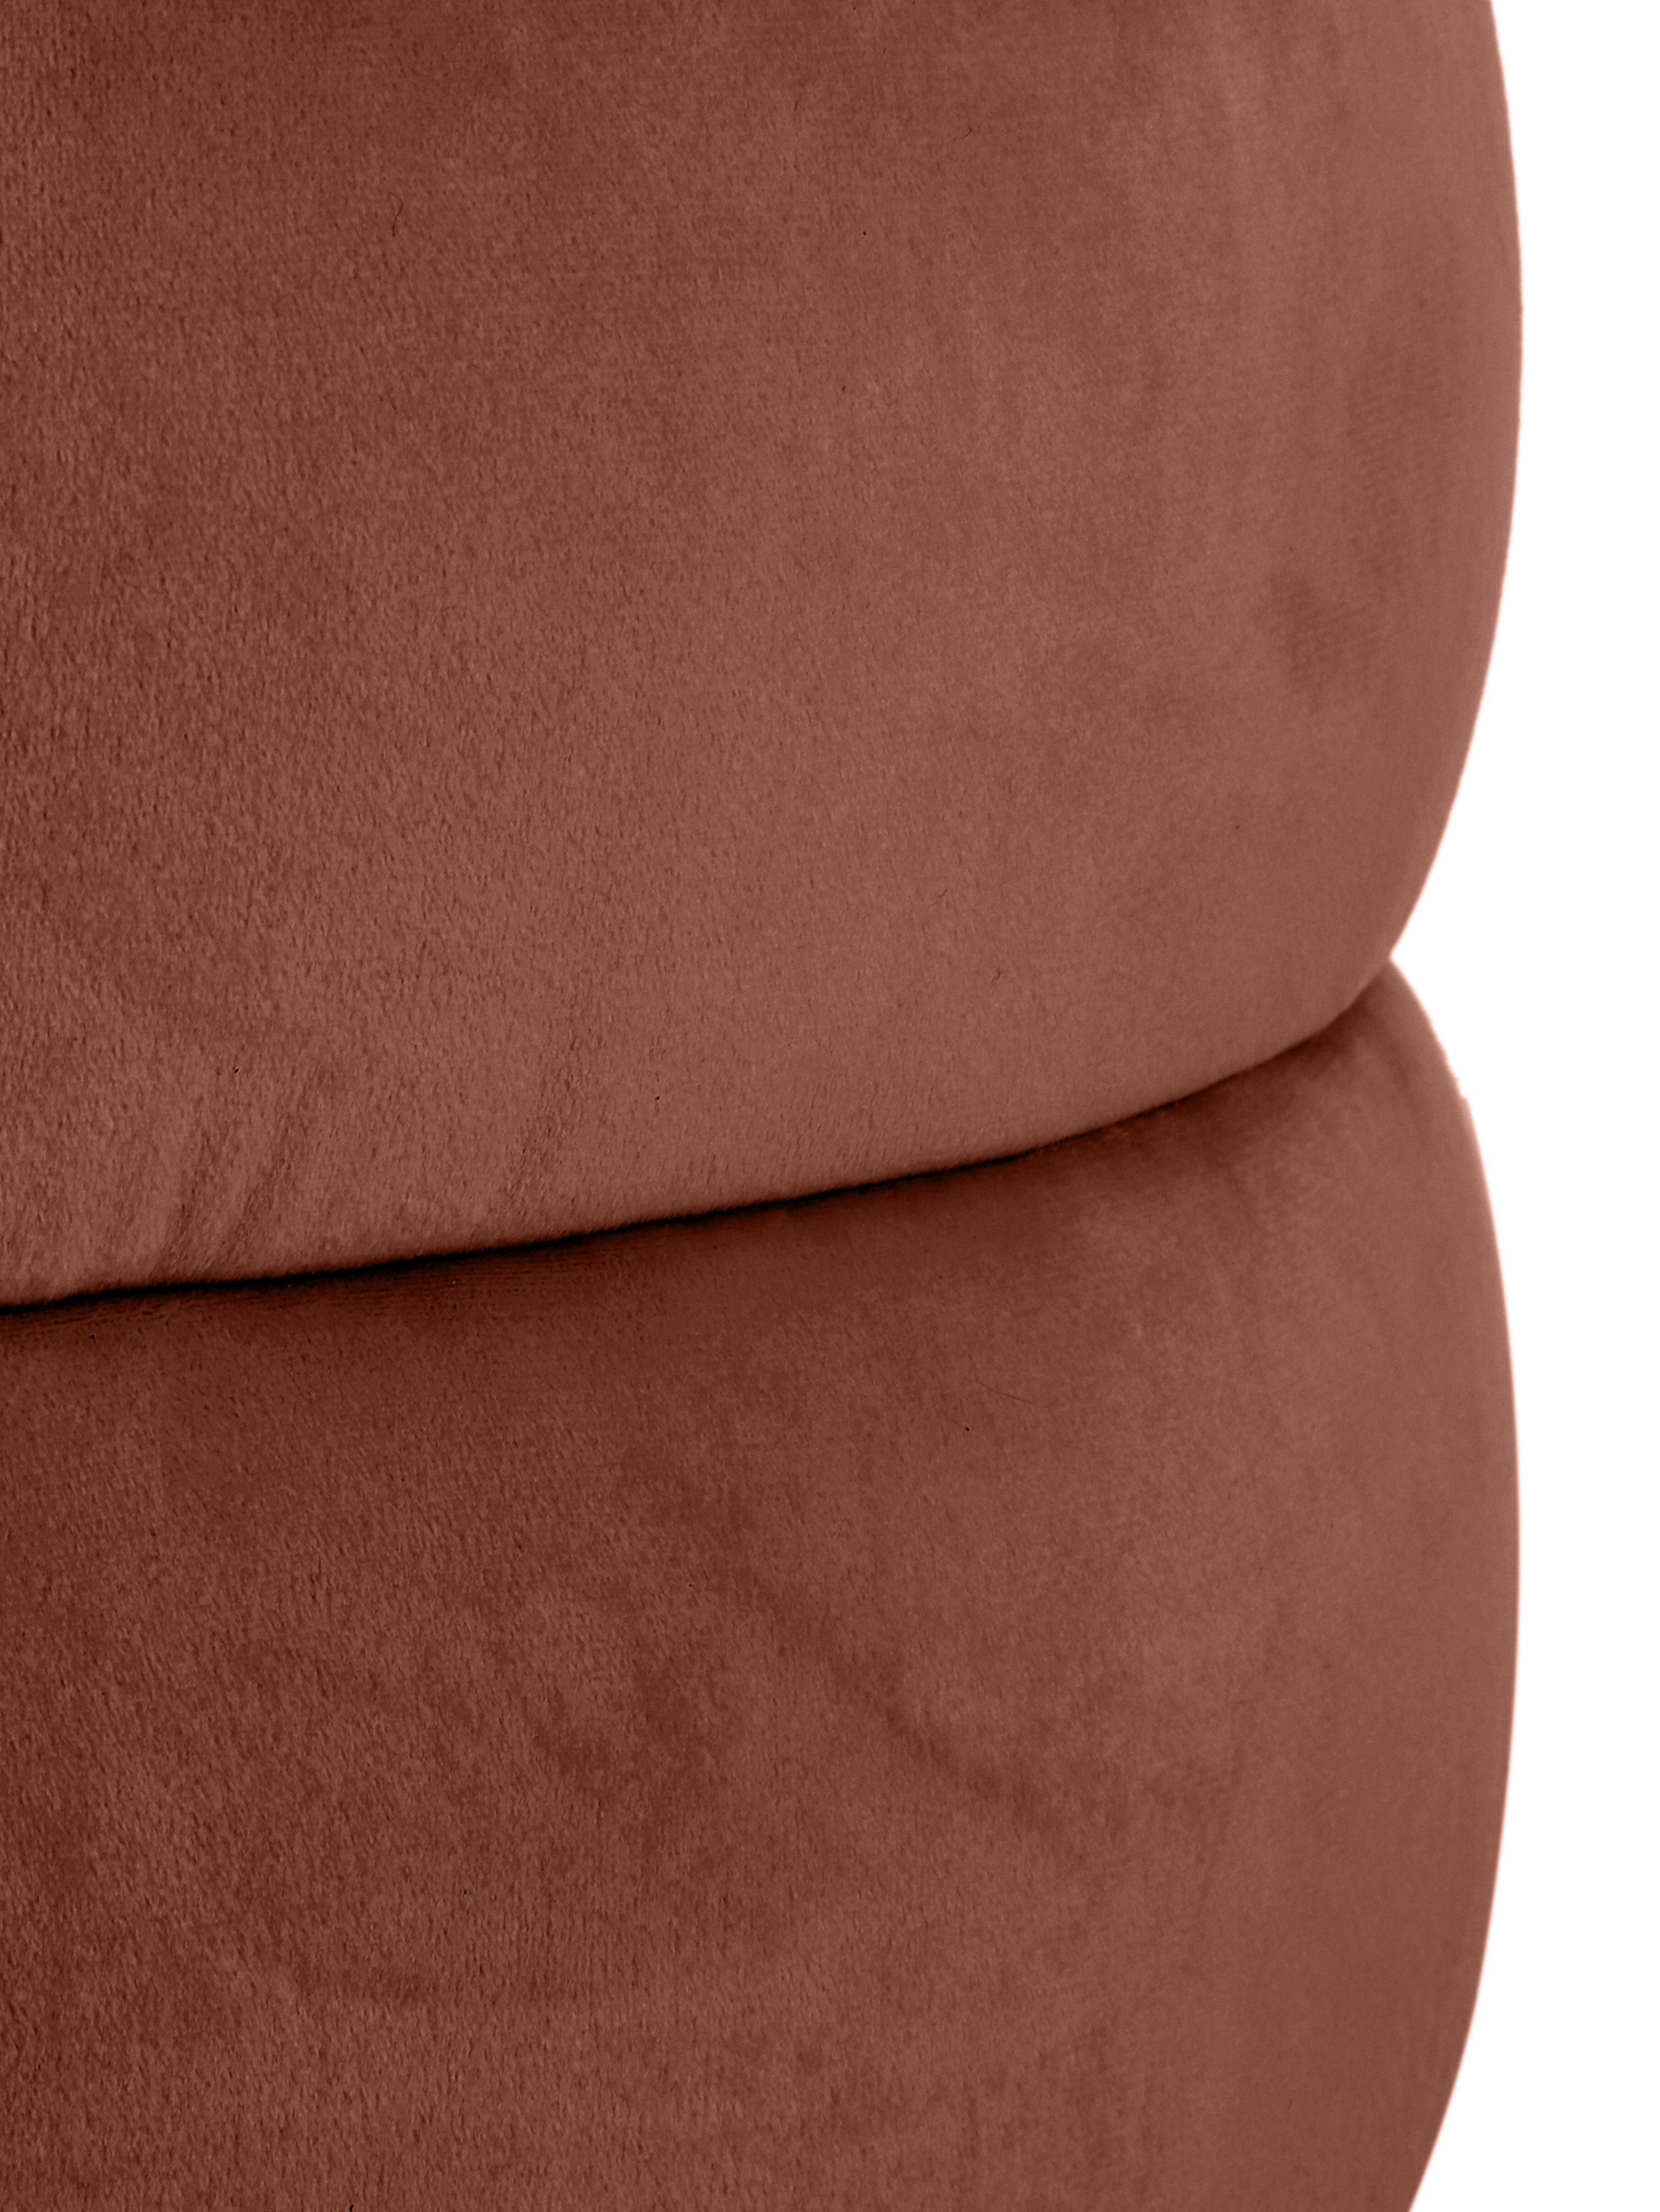 Sgabello in velluto Alto, Rivestimento: velluto (poliestere) 30.0, Struttura: legno di pino massiccio, , Marrone, Ø 42 x Alt. 48 cm